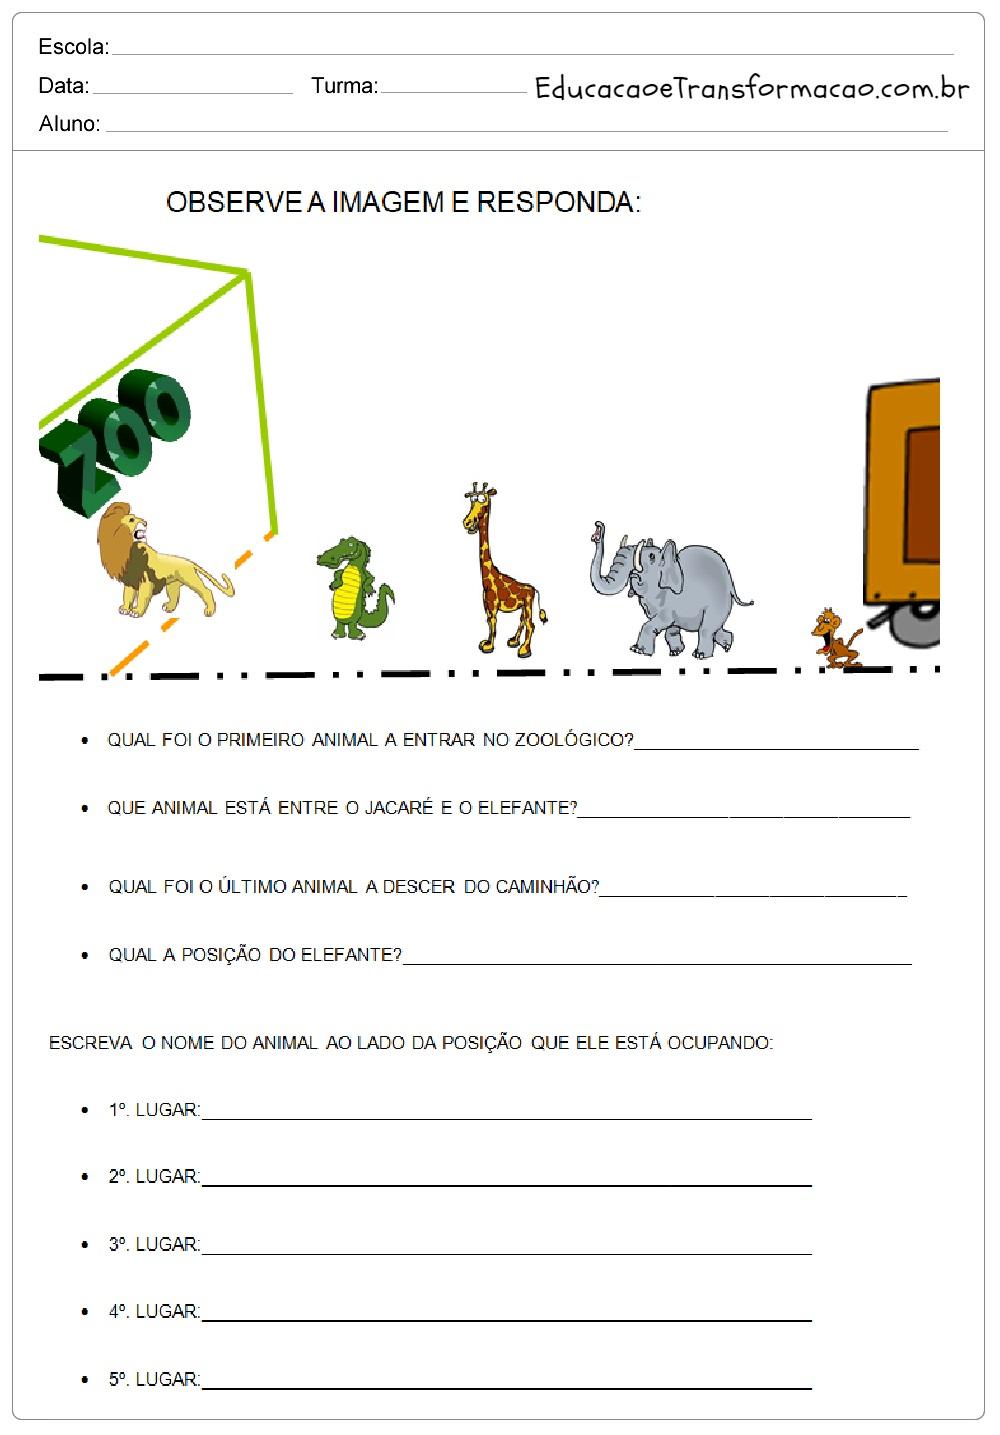 Observe a imagem e responda – Atividades de Matemática 2º ano.